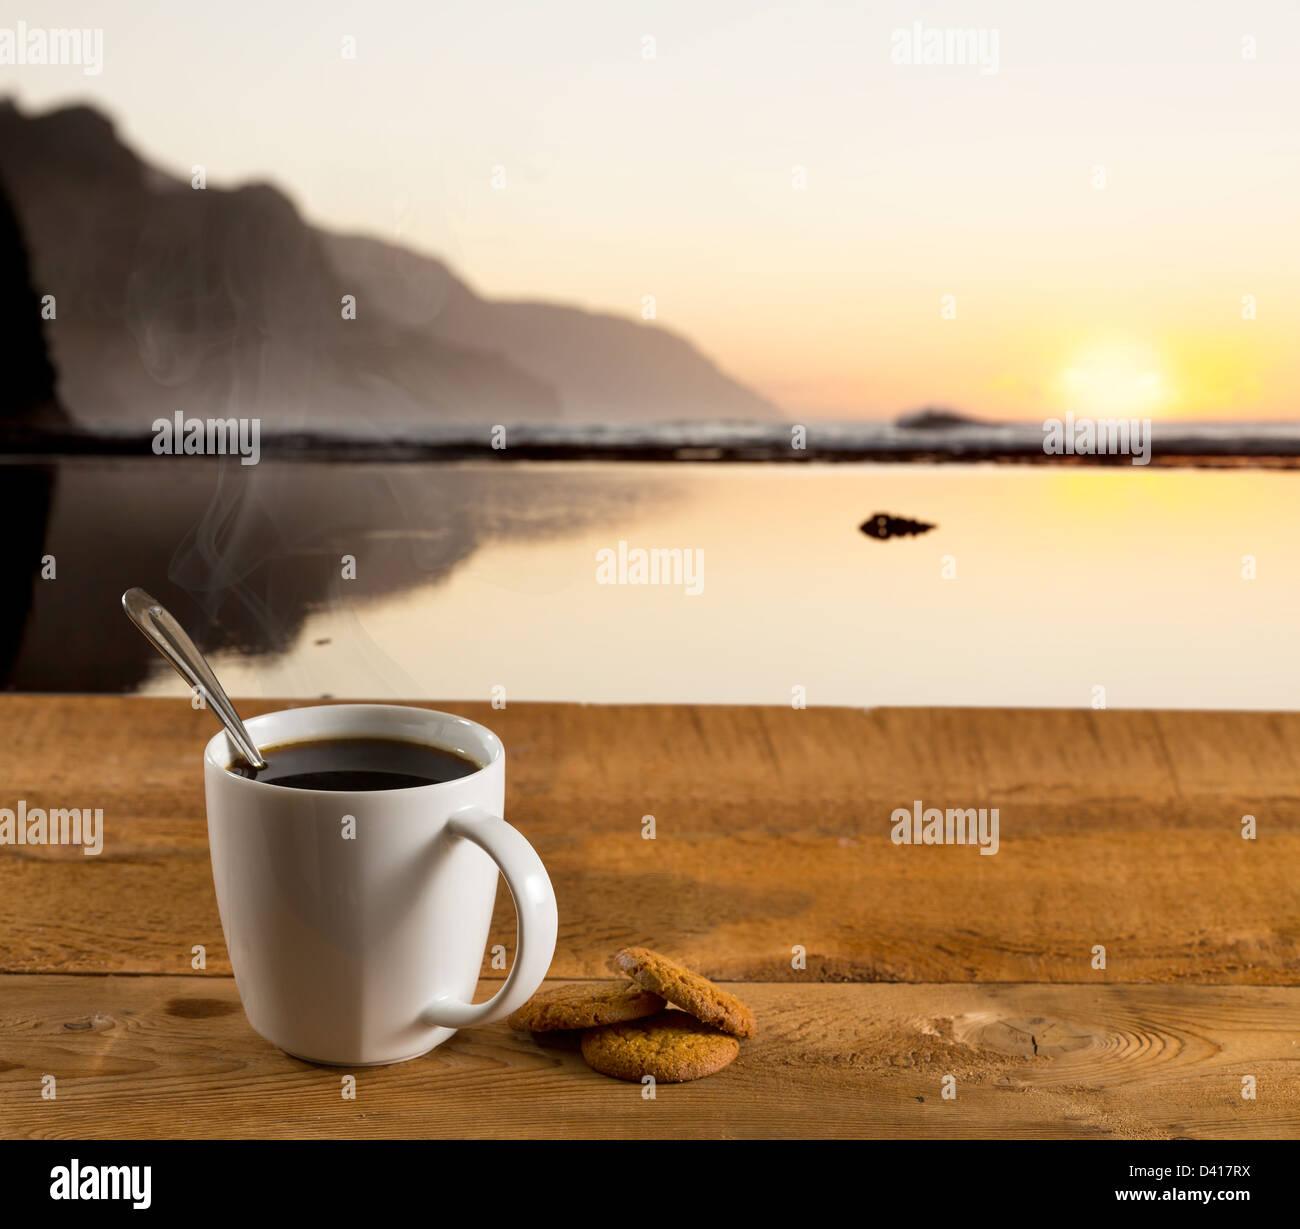 Tazza di caffè su un tavolo al tramonto o l'alba si affaccia su un bellissimo panorama Immagini Stock